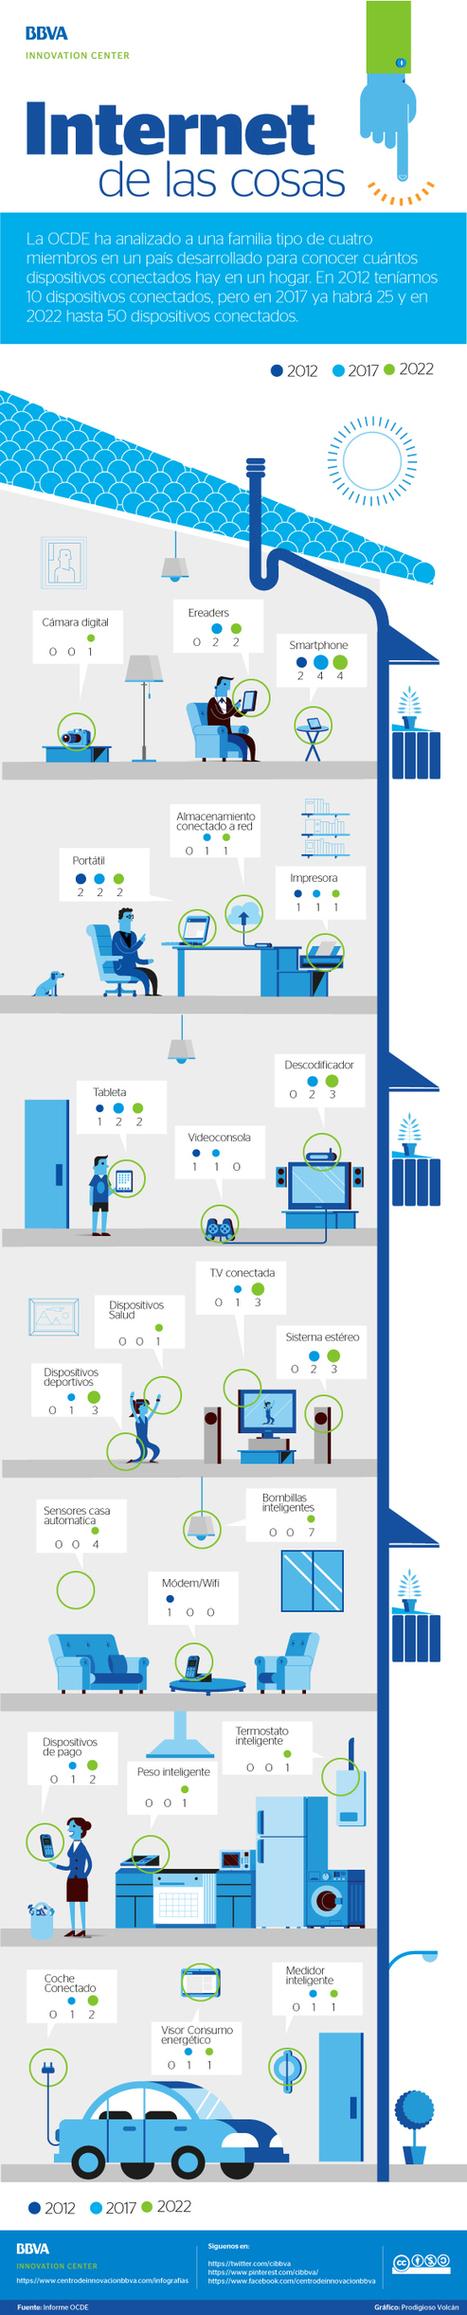 Internet de las cosas: un hogar conectado #infografia | Recursos i Eines | Scoop.it